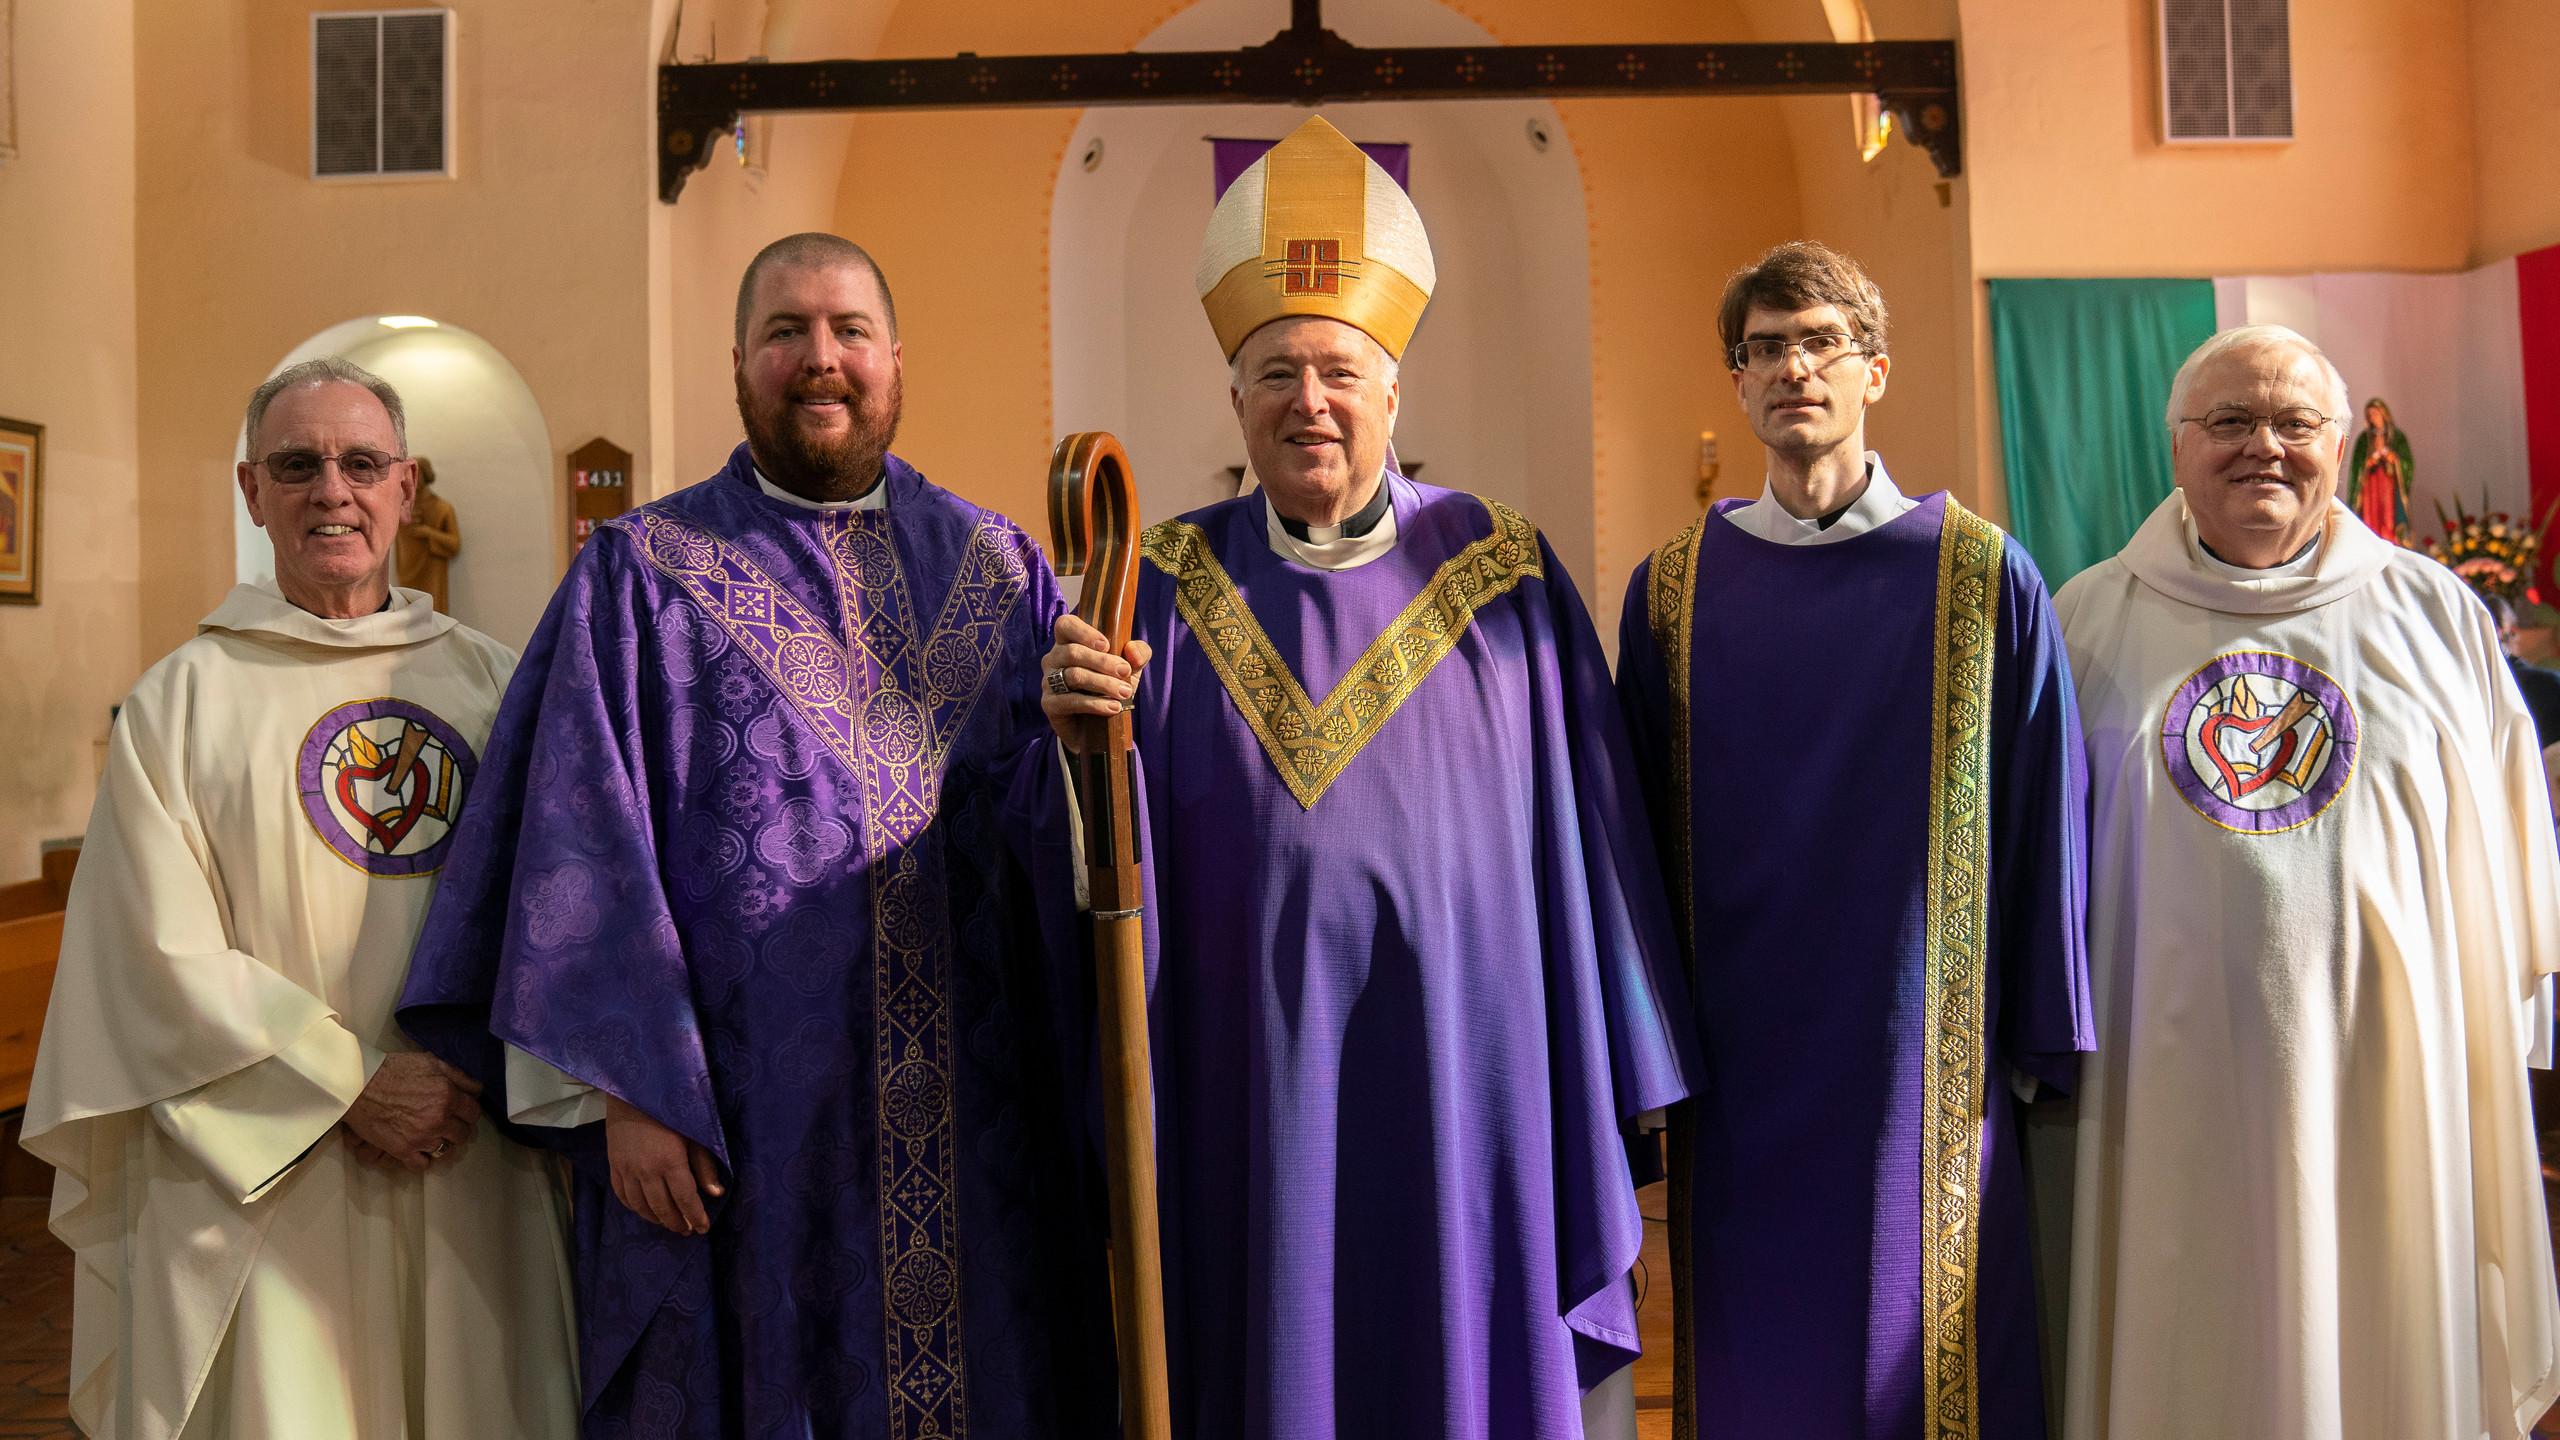 Provincial Fr. Kevin and Formator Fr